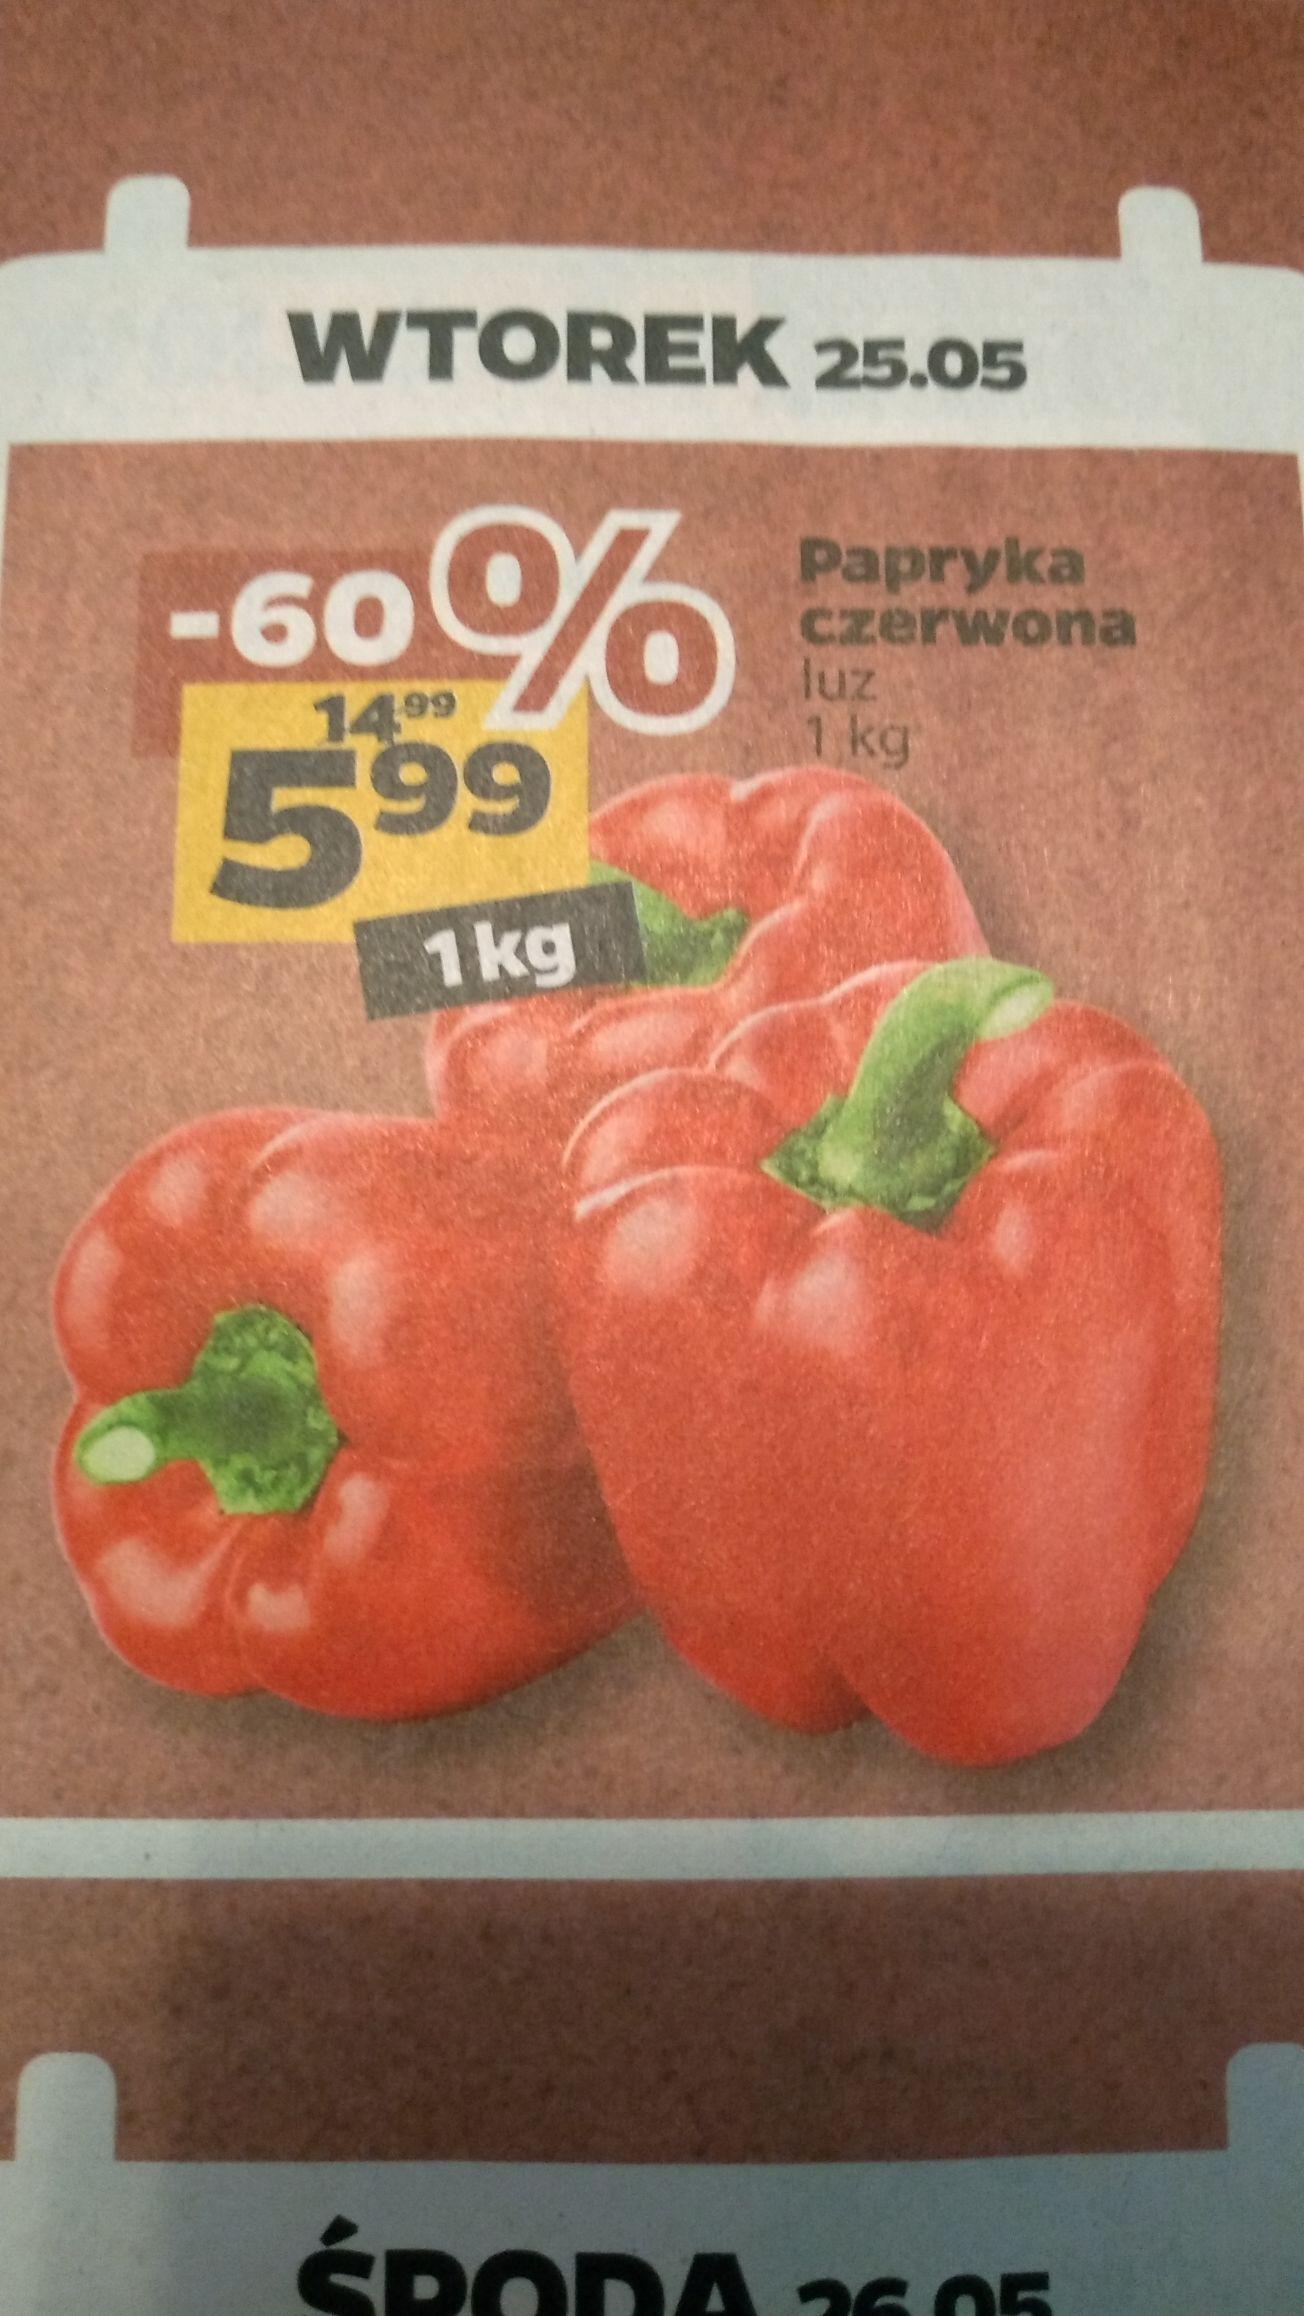 Papryka czerwona luz 1kg. Sklep NETTO